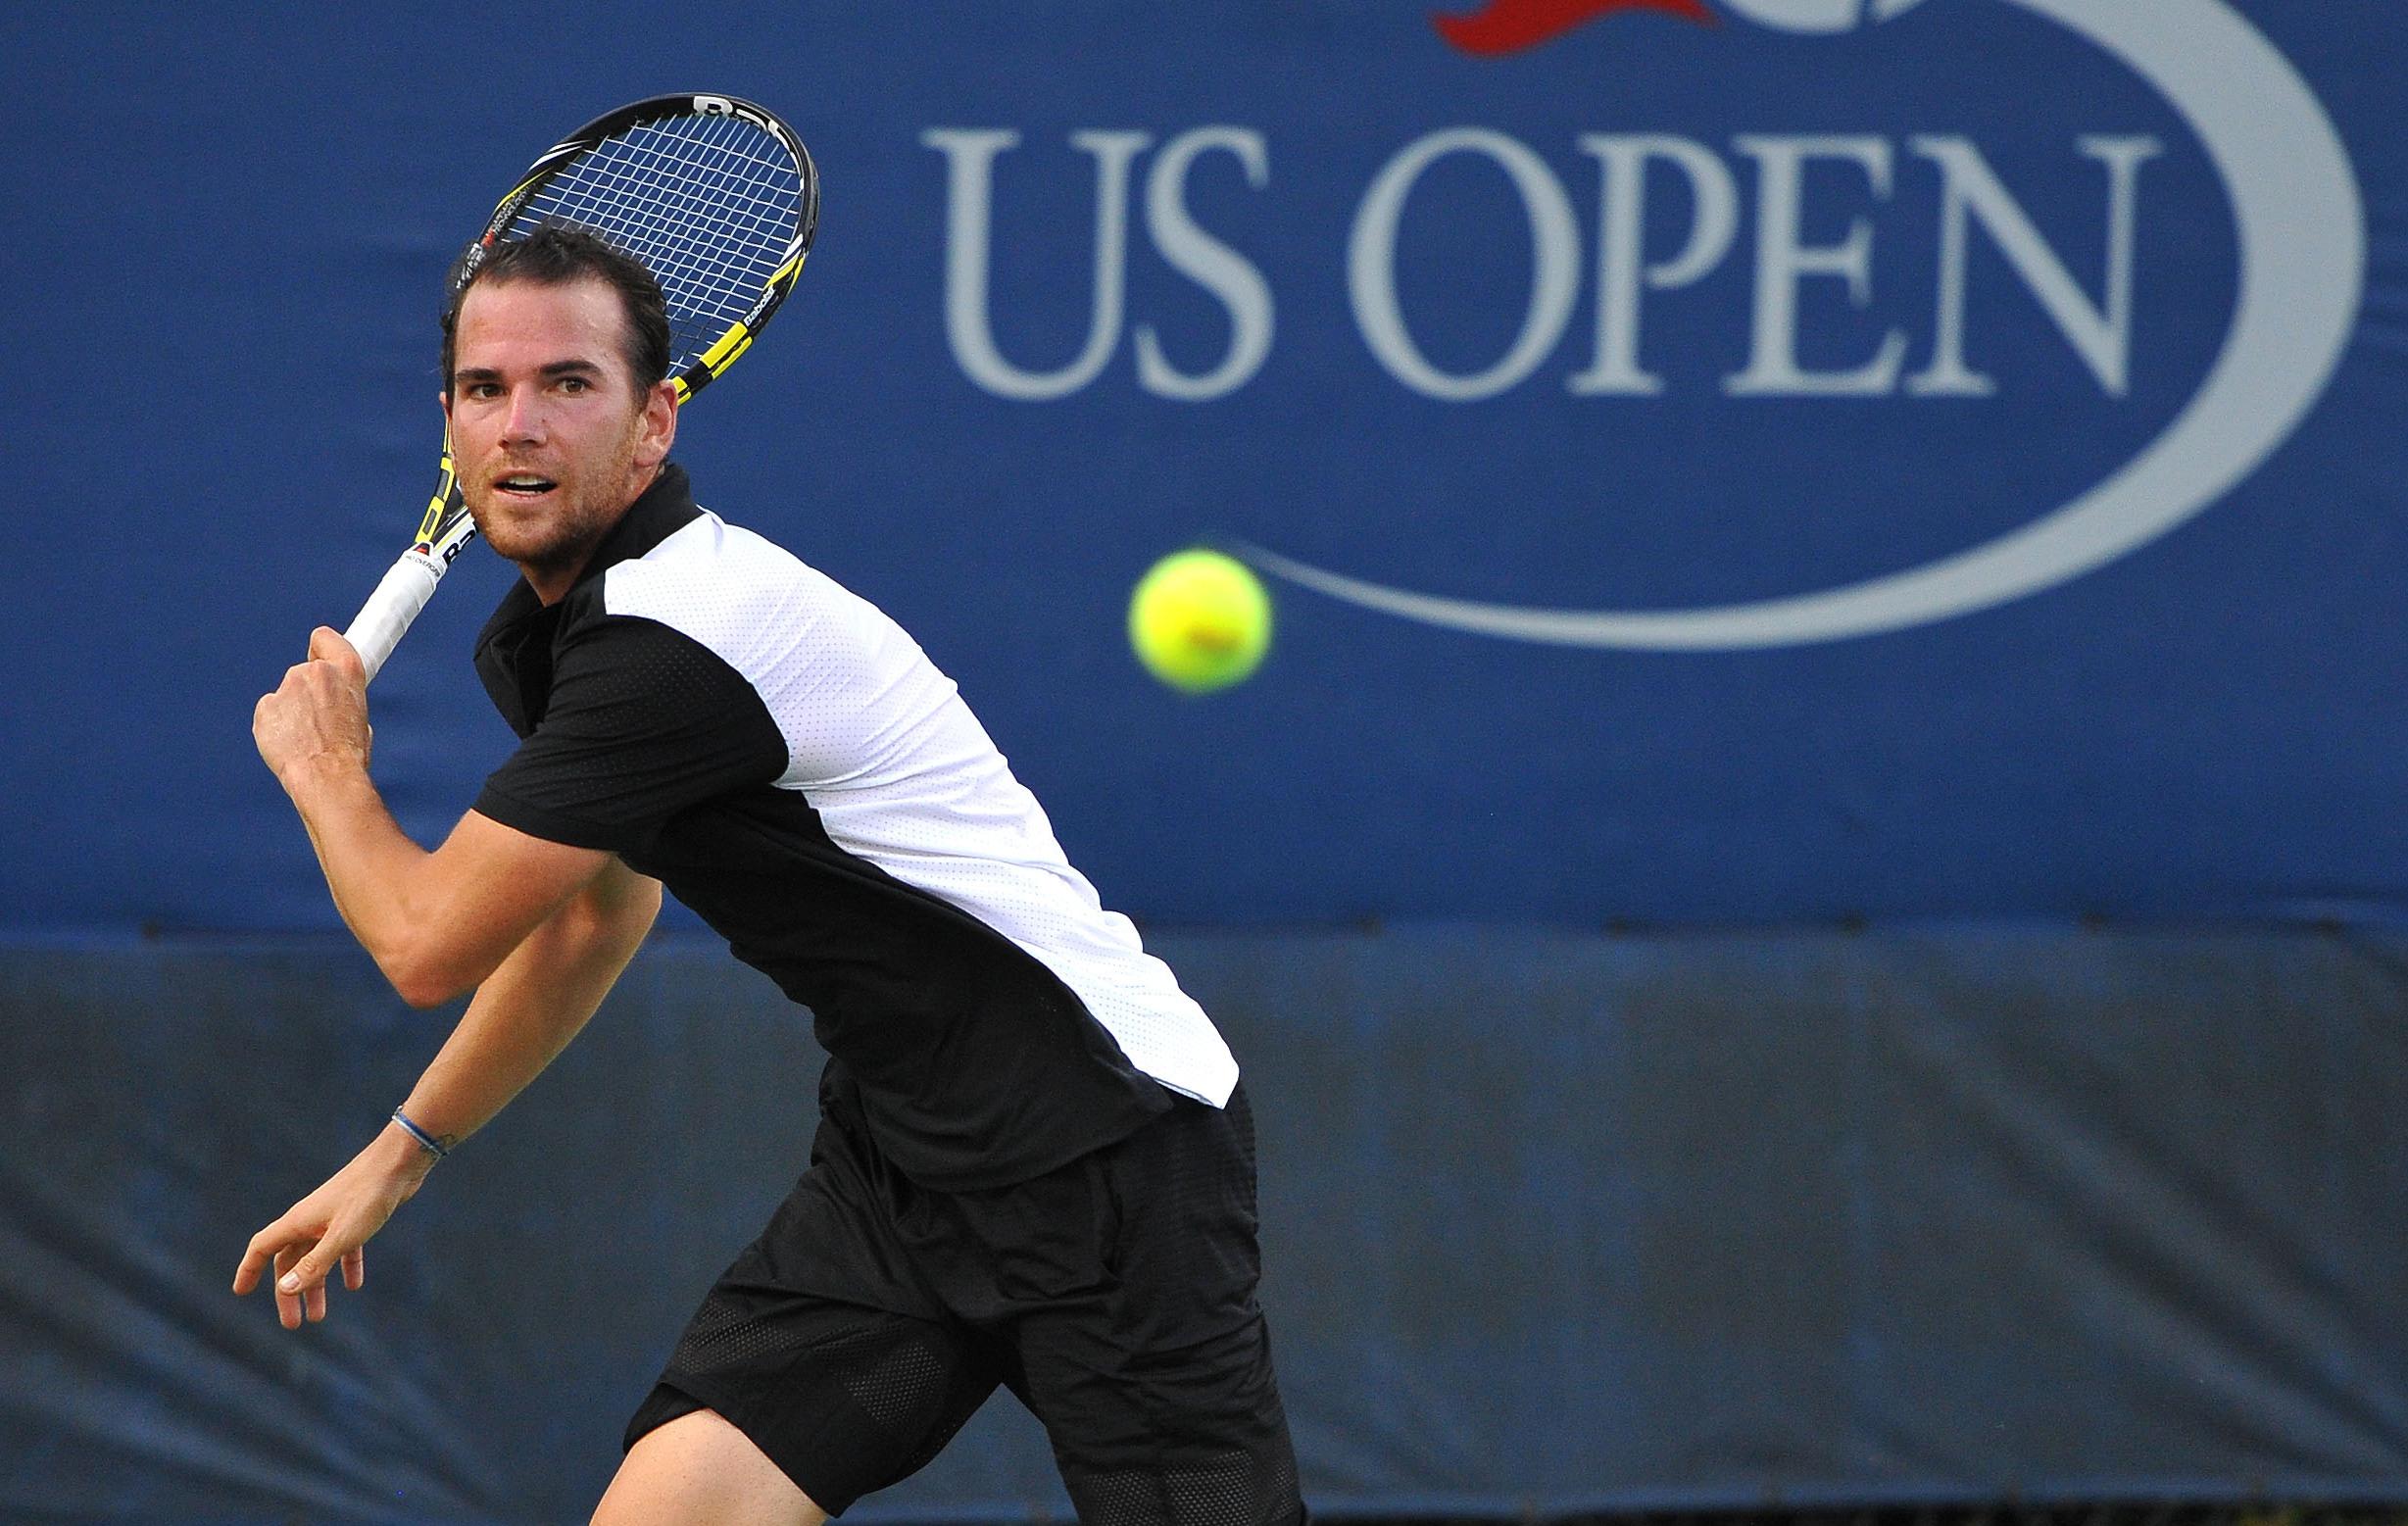 Tennis - US Open - Mannarino ne veut pas être «ridicule» face à Murray